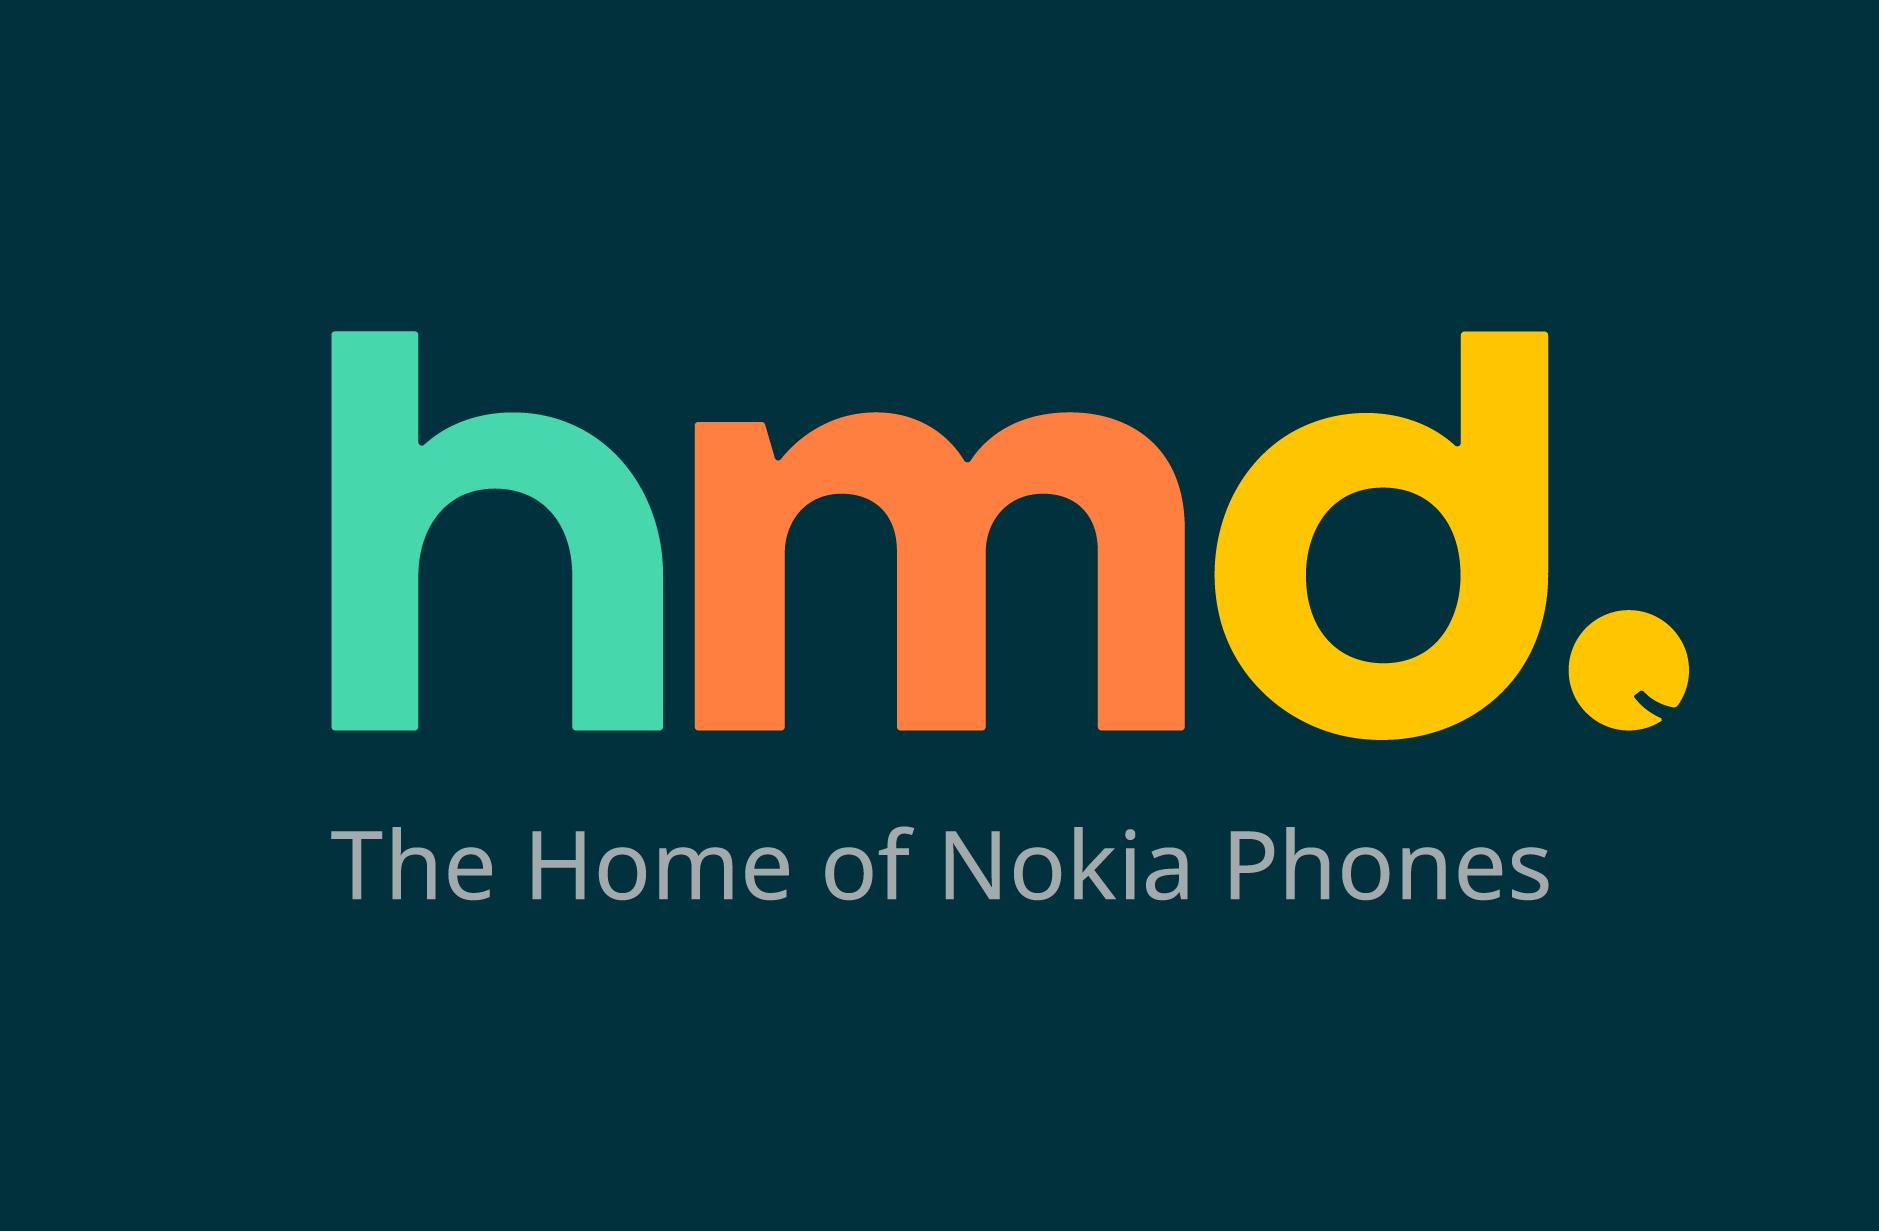 HMD Global намерена использовать торговые марки Nokia Xpress-on и Sirocco